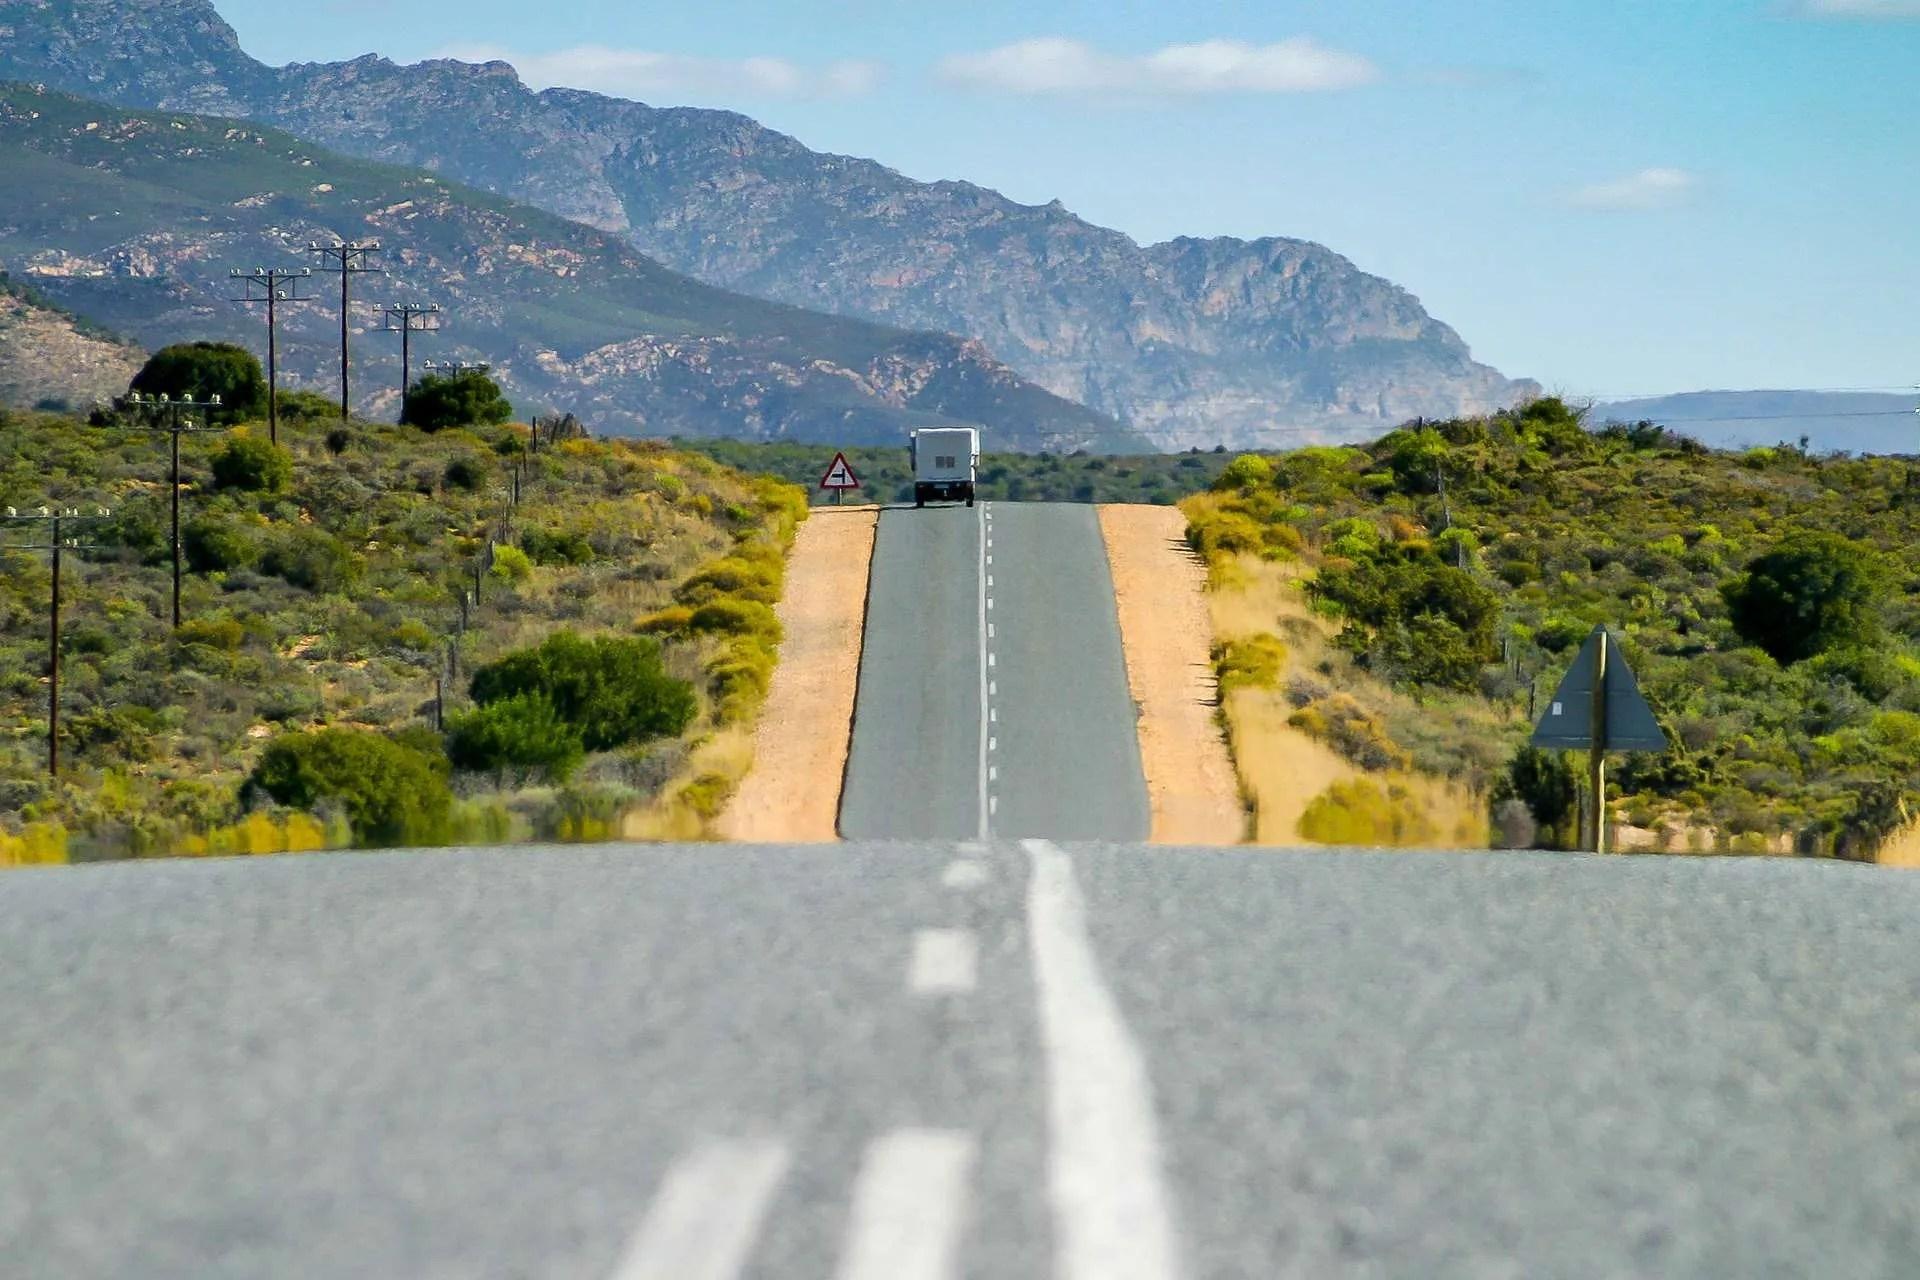 Viaggio in Sudafrica: il mio itinerario lungo la Garden Route